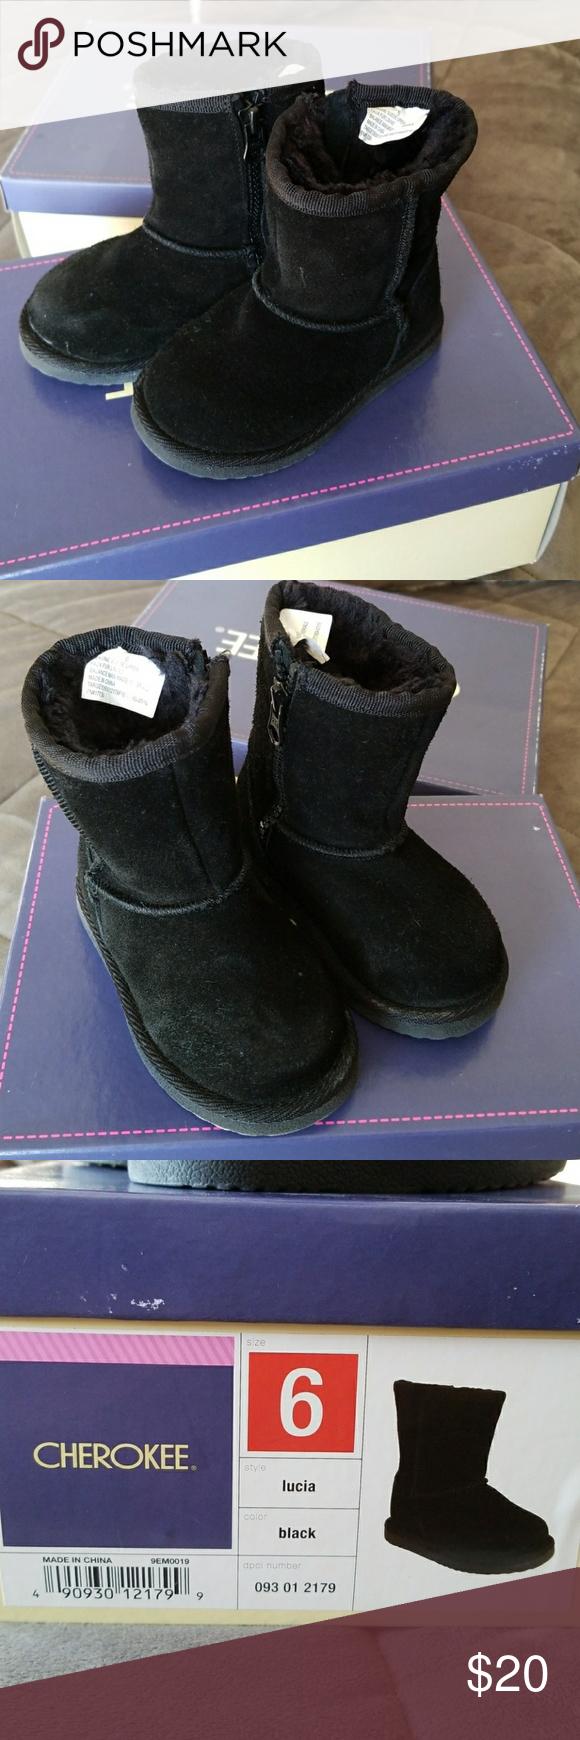 Toddler girl boots! Toddler girl black